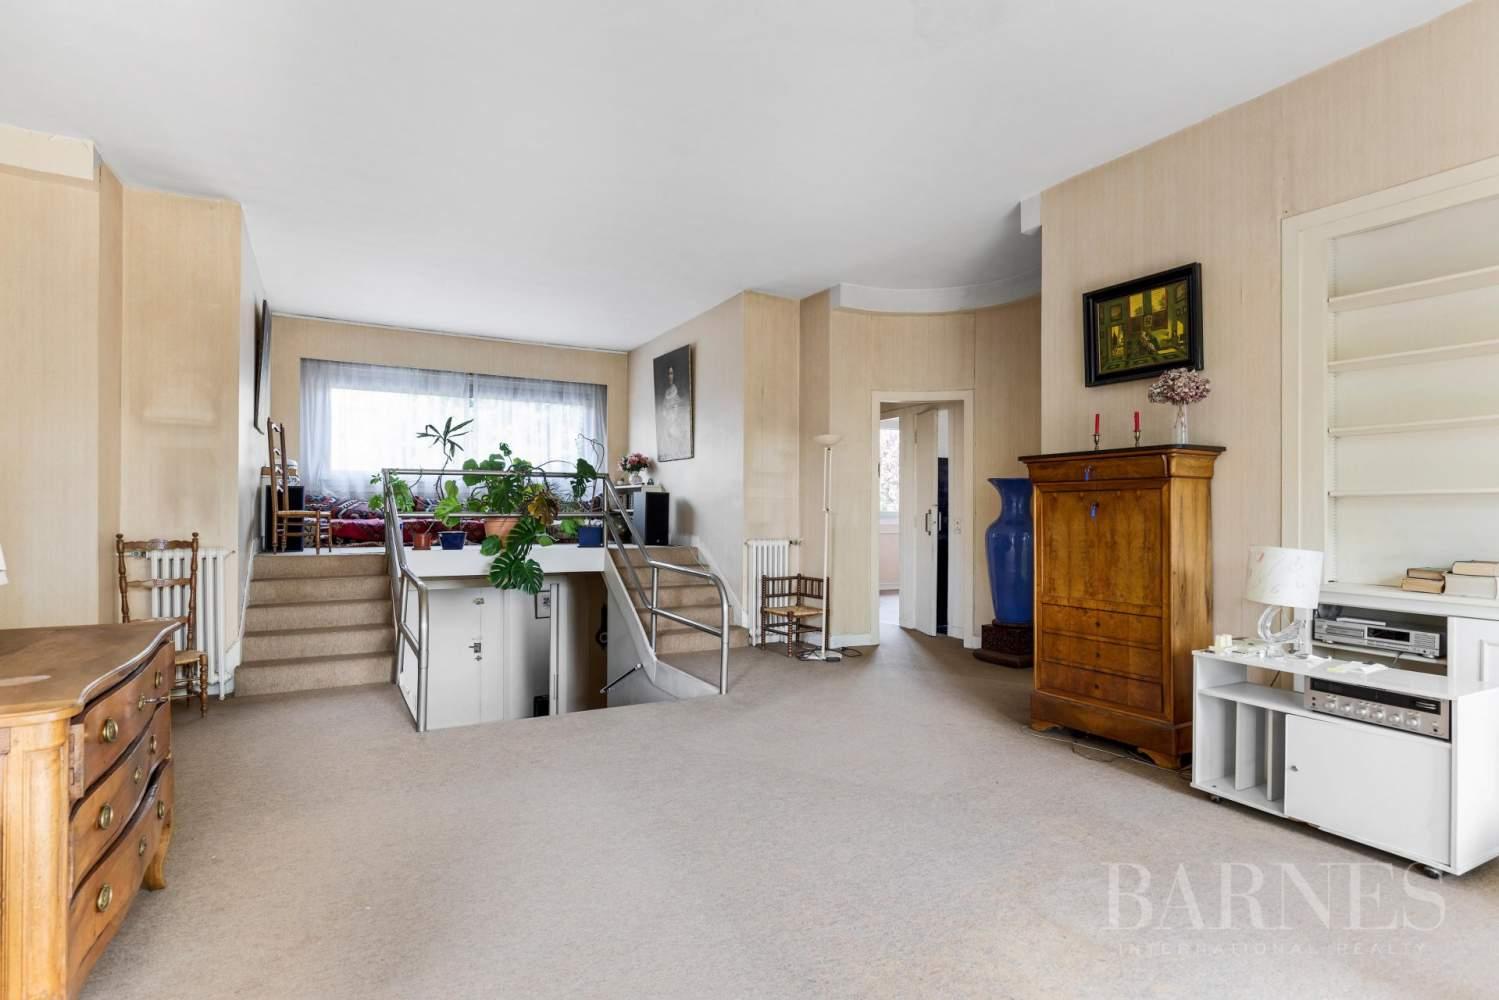 Saint-Cloud Montretout, maison 1930 de 286 m² habitables sur terrain sud 792 m² picture 6